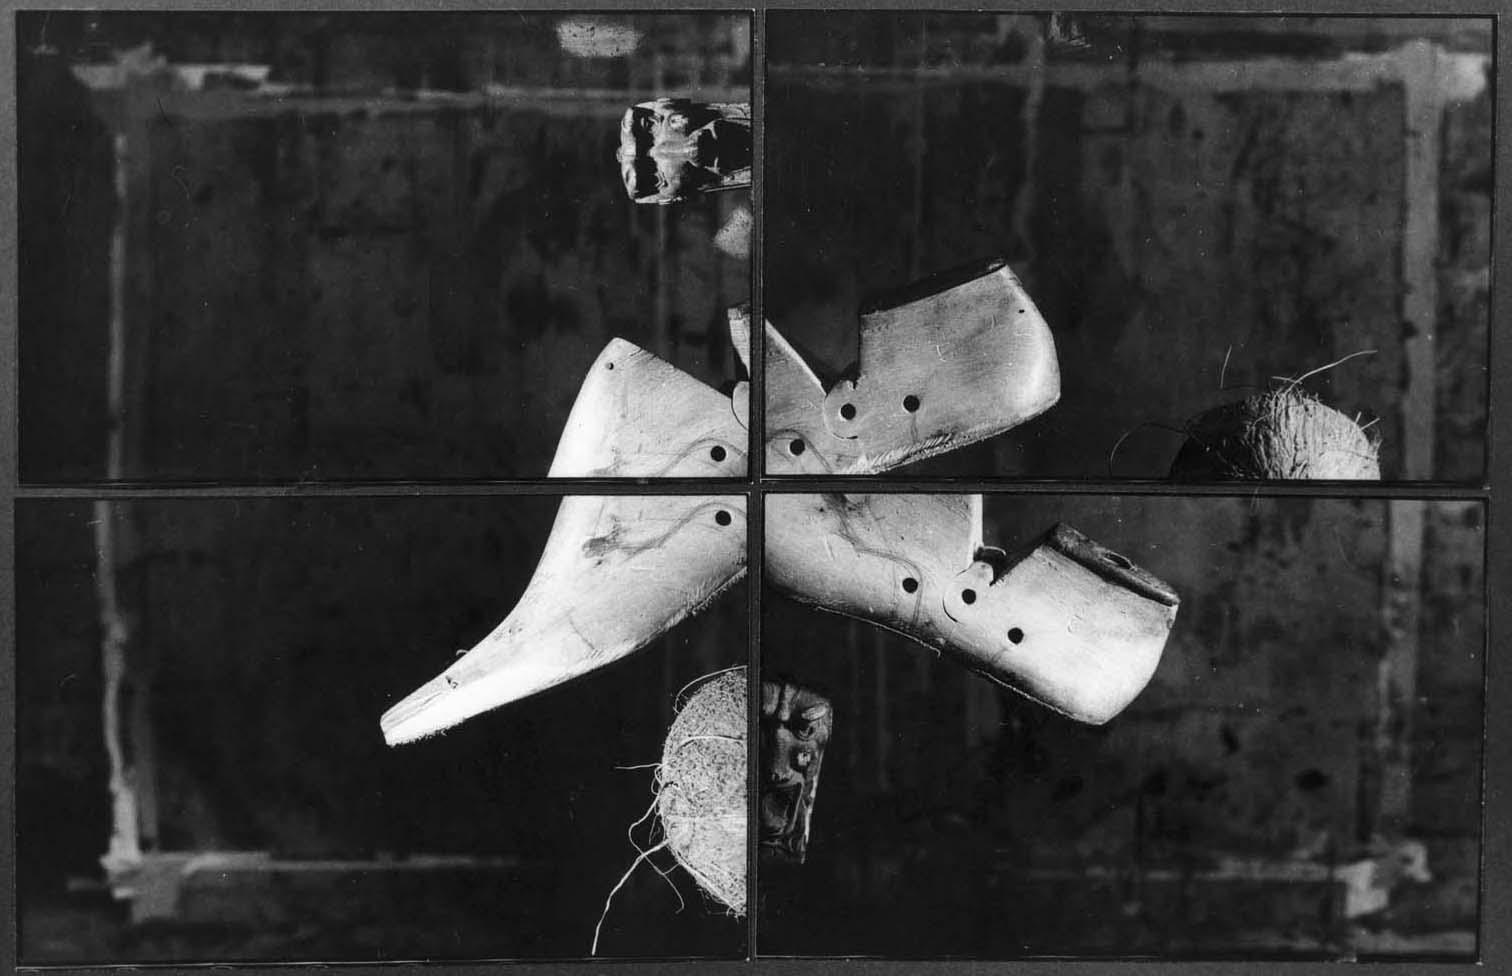 Drégely Imre: Kaptafa 1–4., 1993 © Drégely Imre